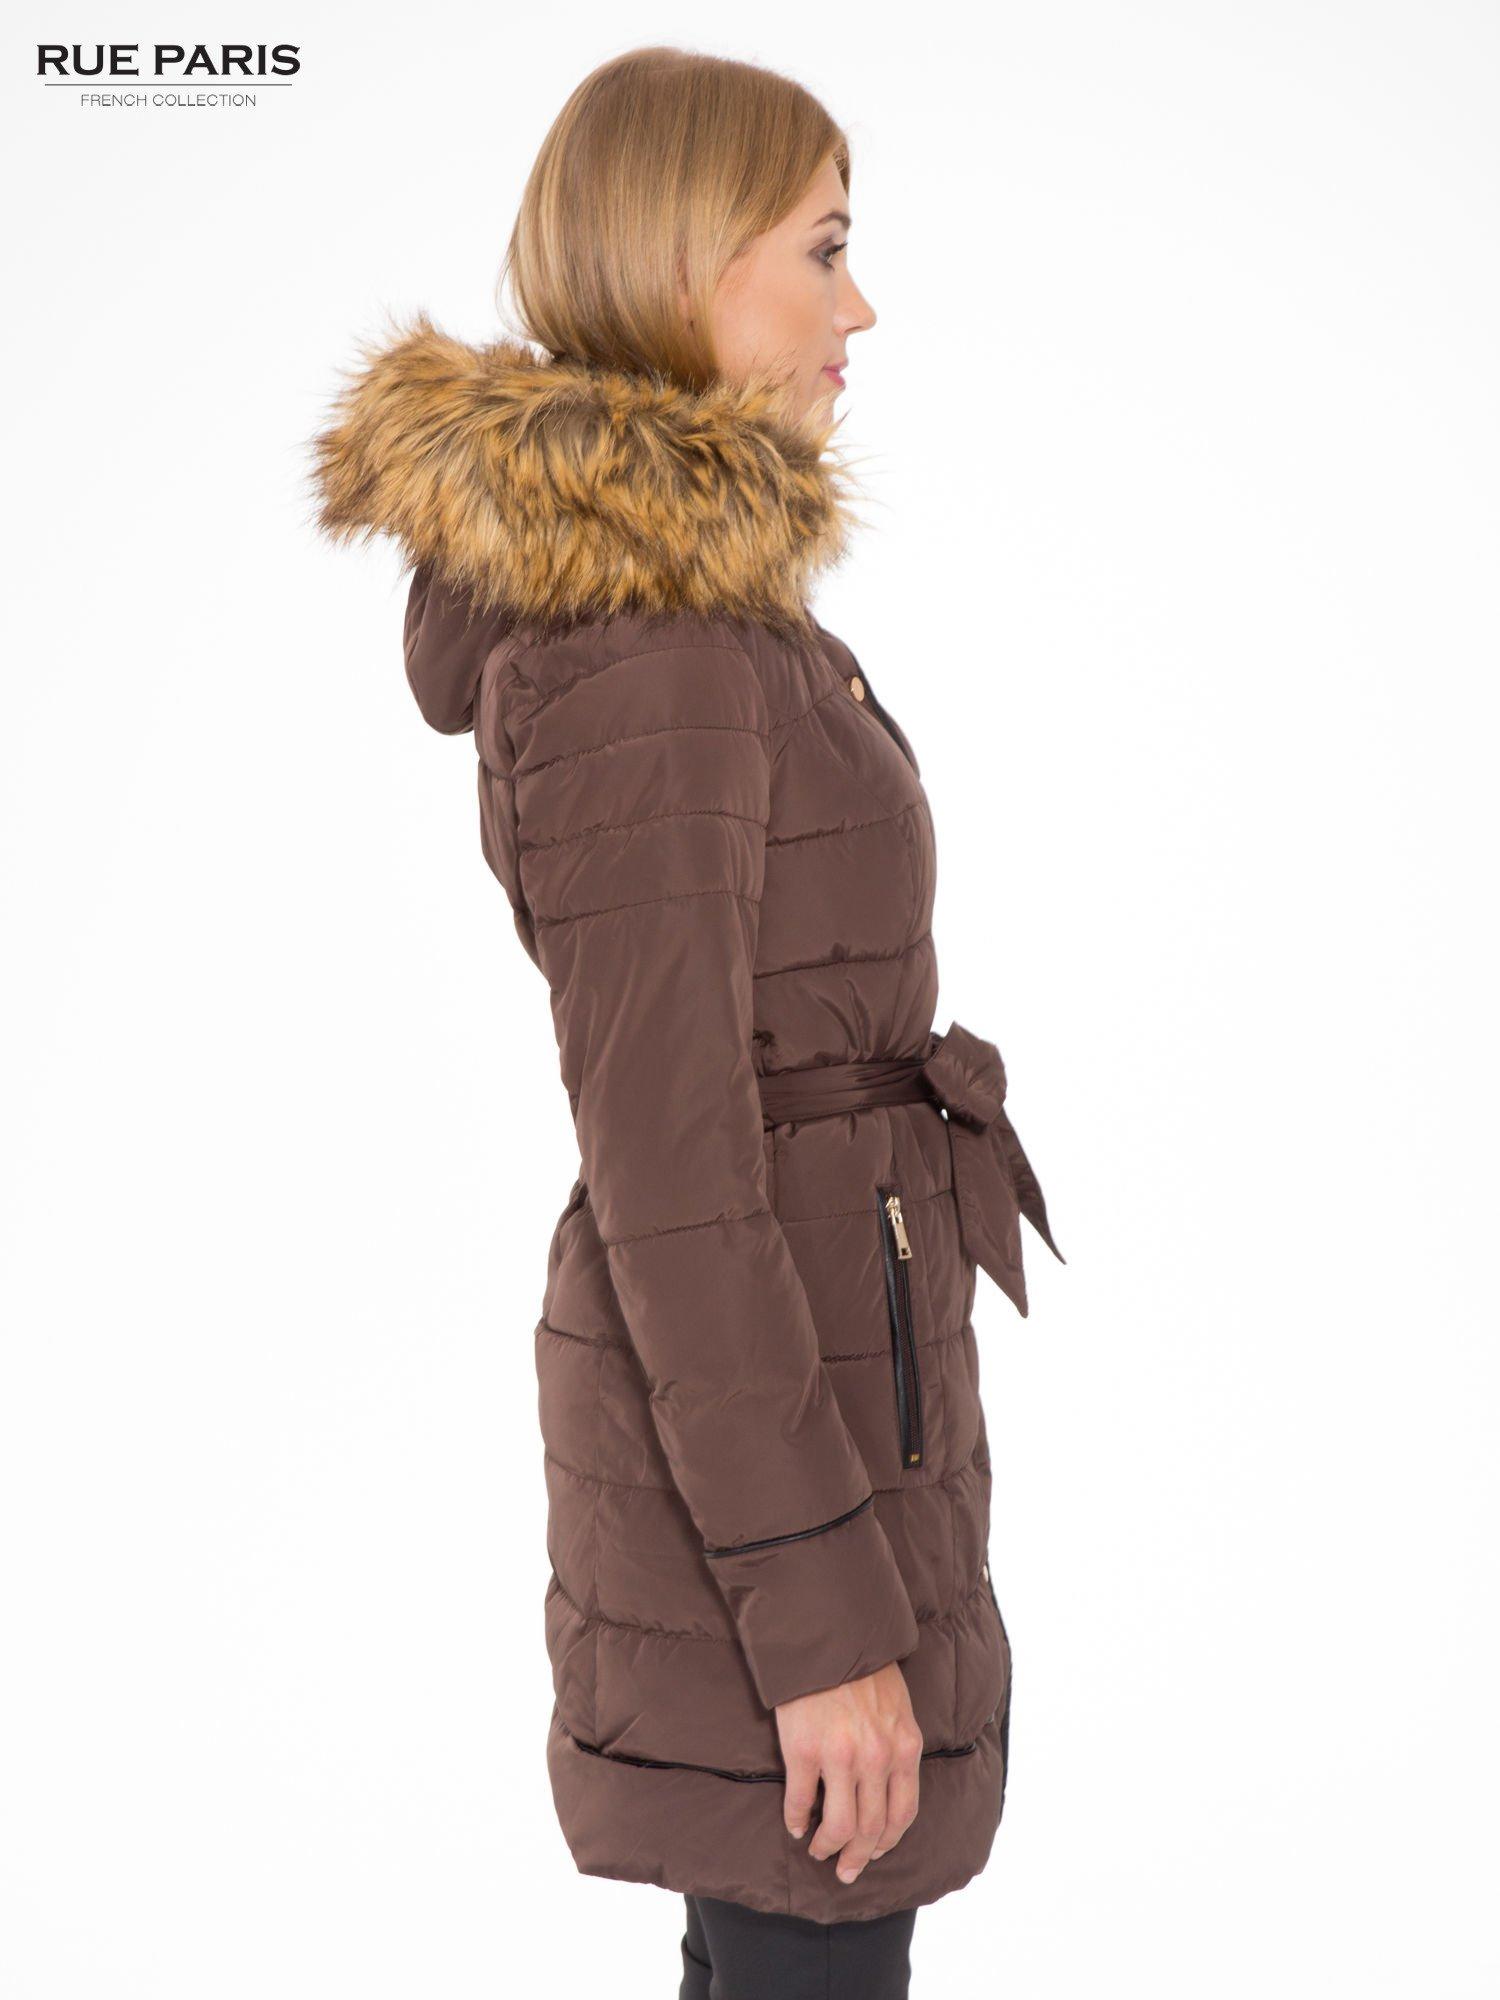 Brązowy taliowany płaszcz puchowy z kapturem z futerkiem                                  zdj.                                  3